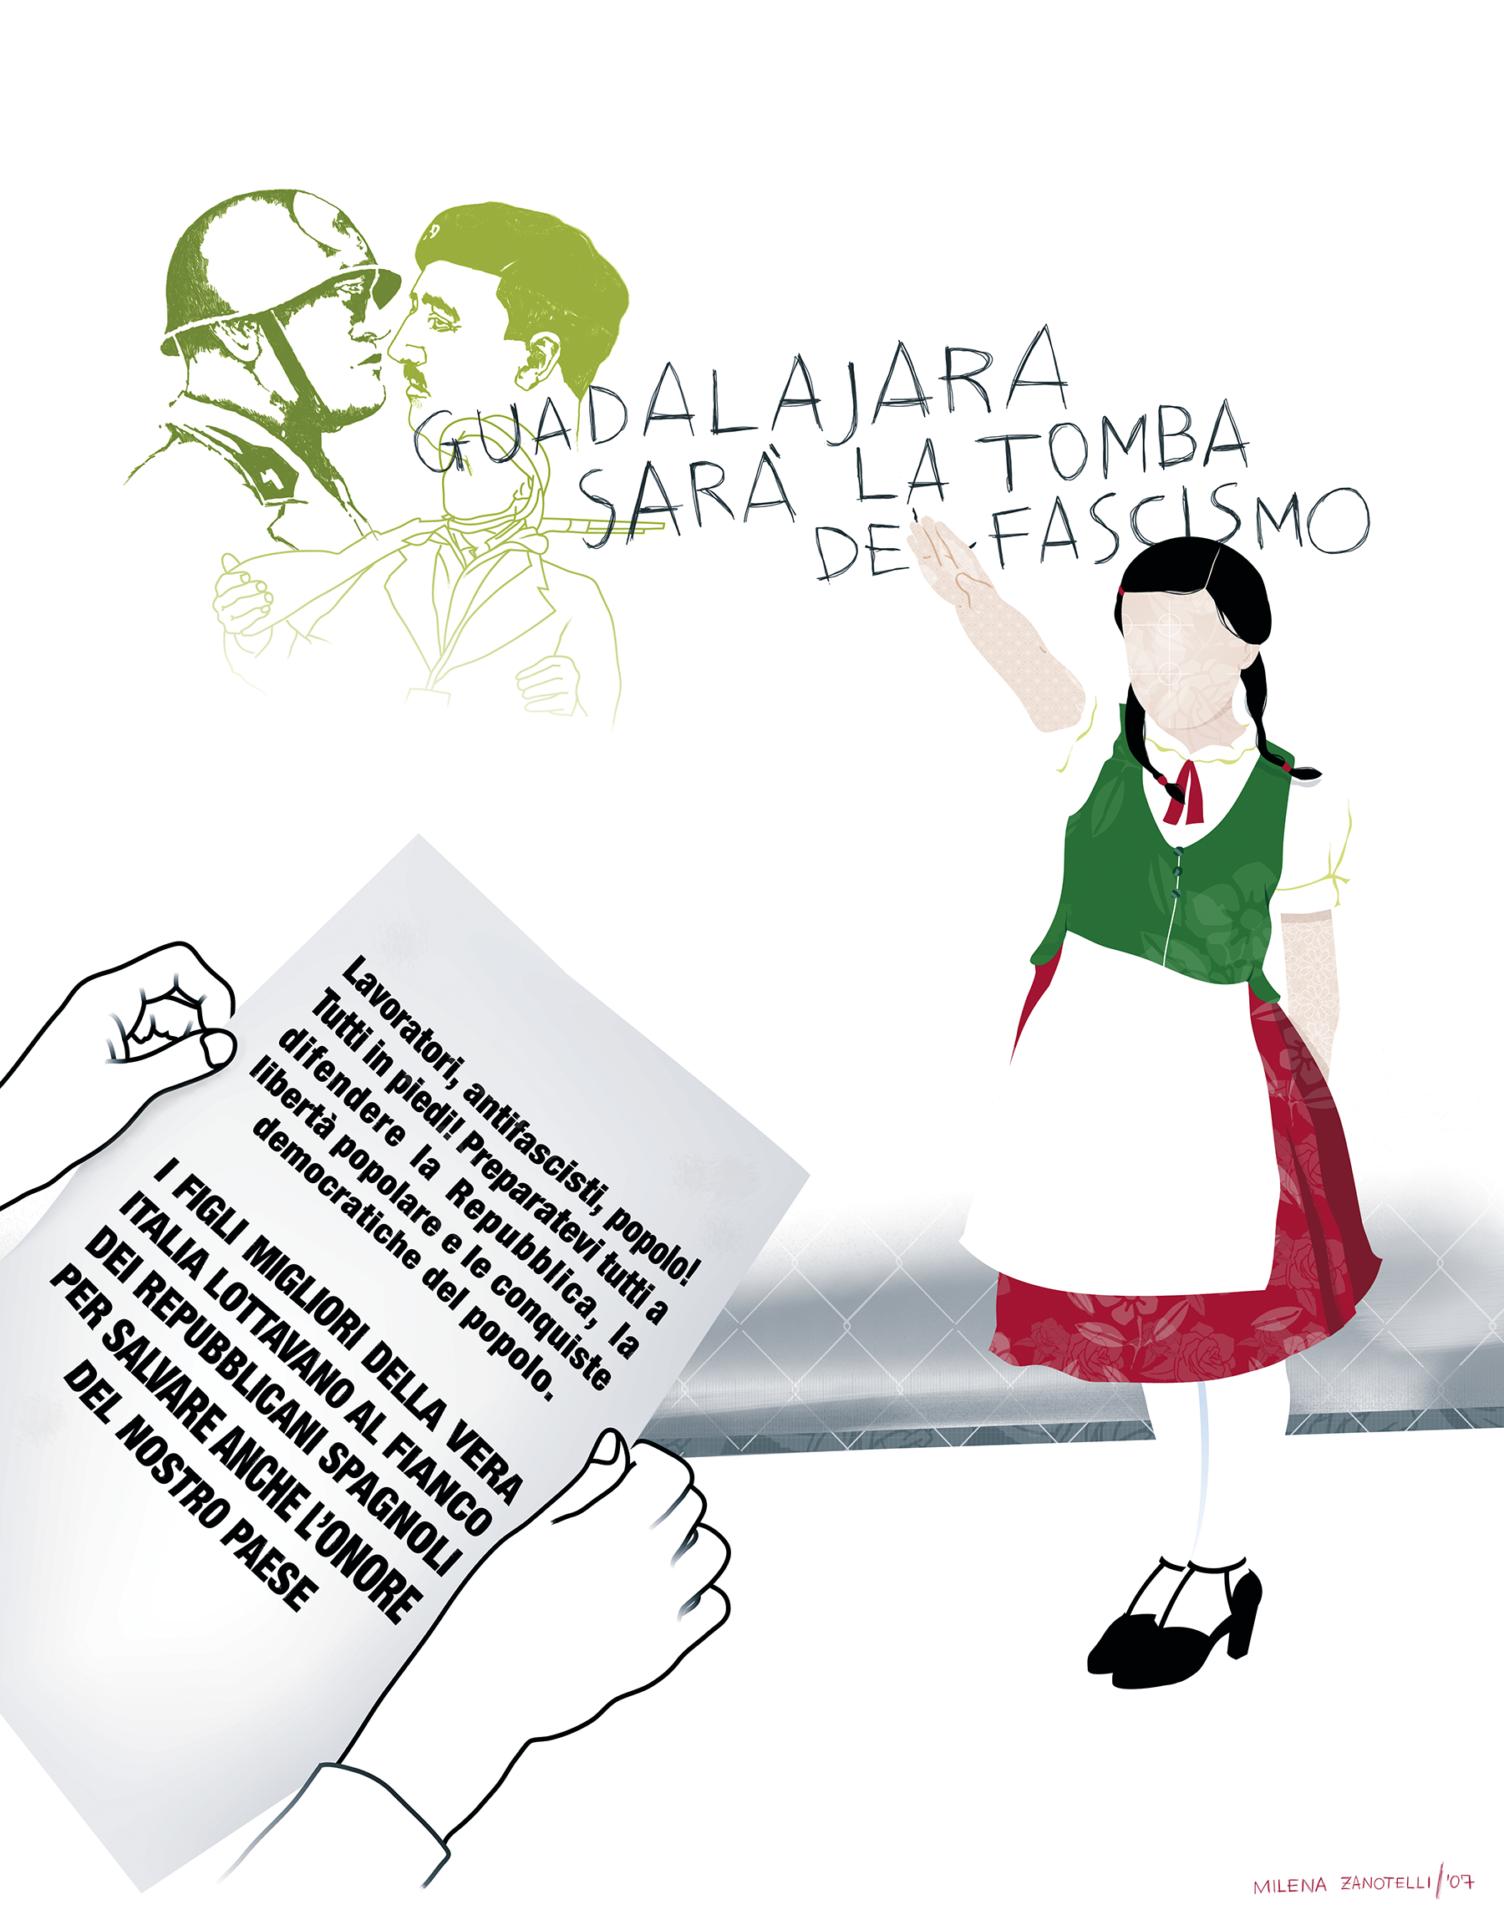 Guadalajara serà